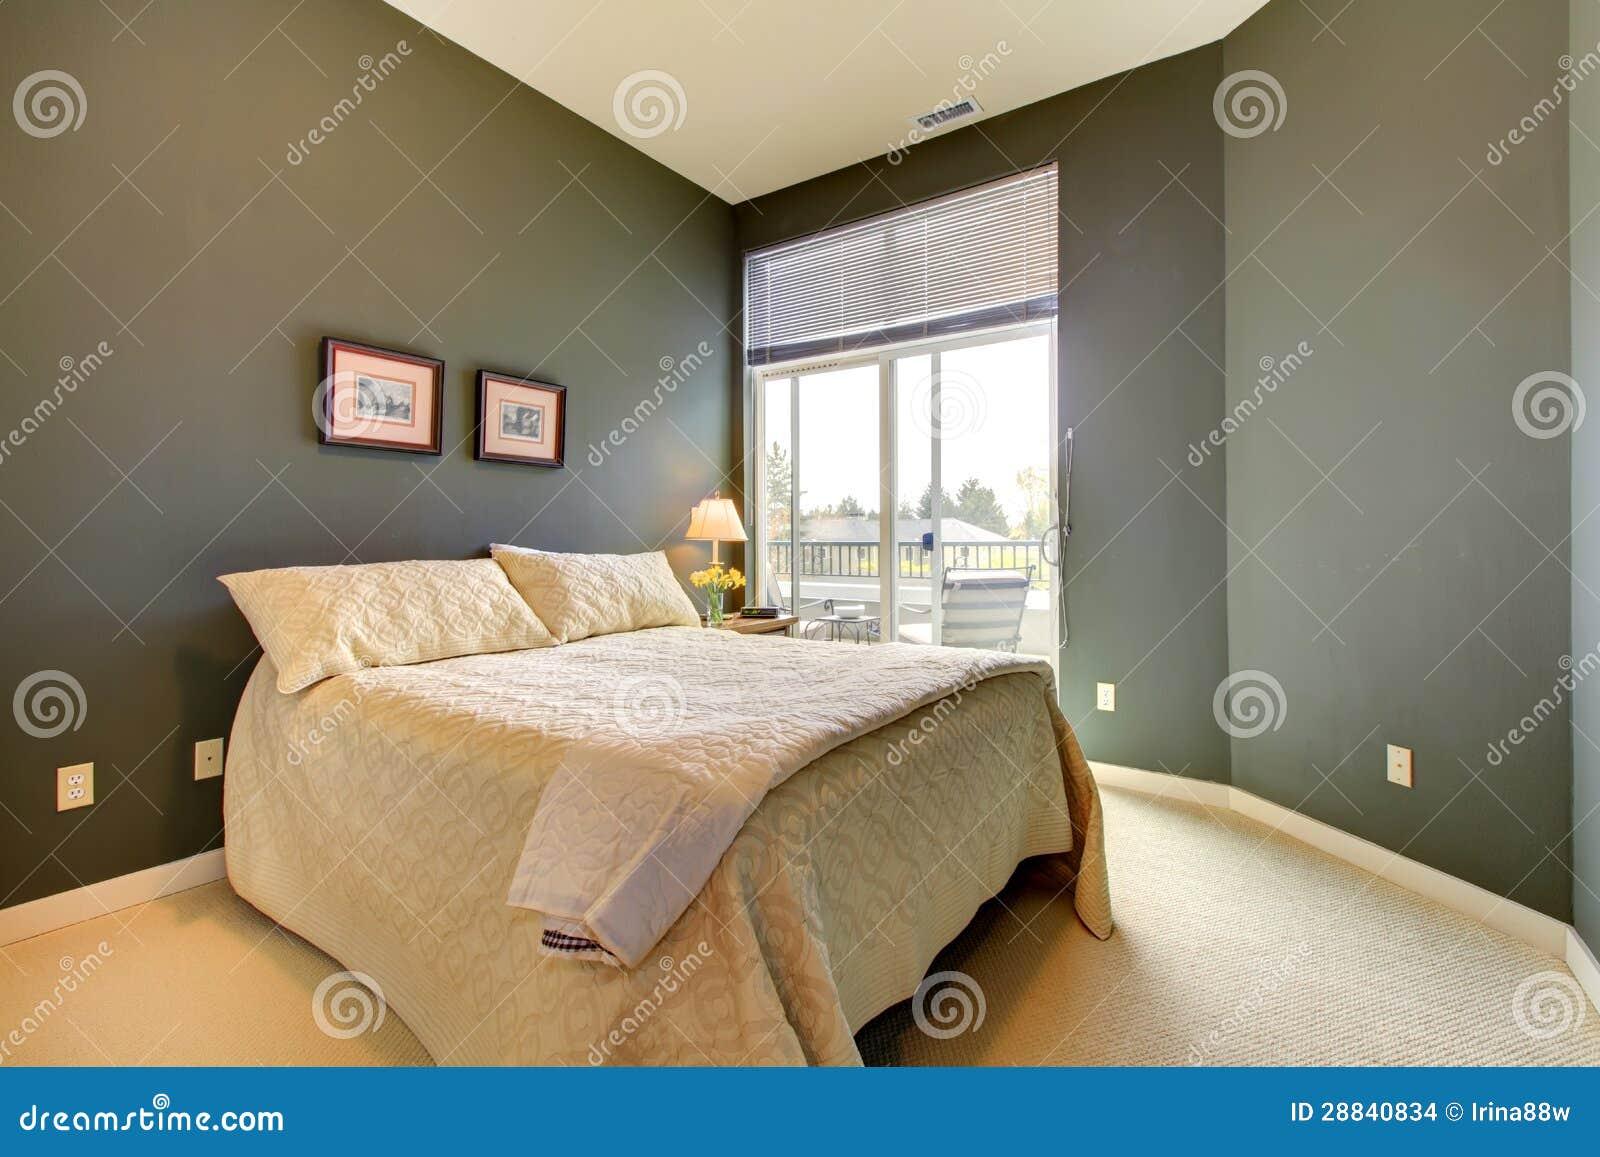 Camera da letto con le pareti verdi grige e la - Pareti grigie camera da letto ...